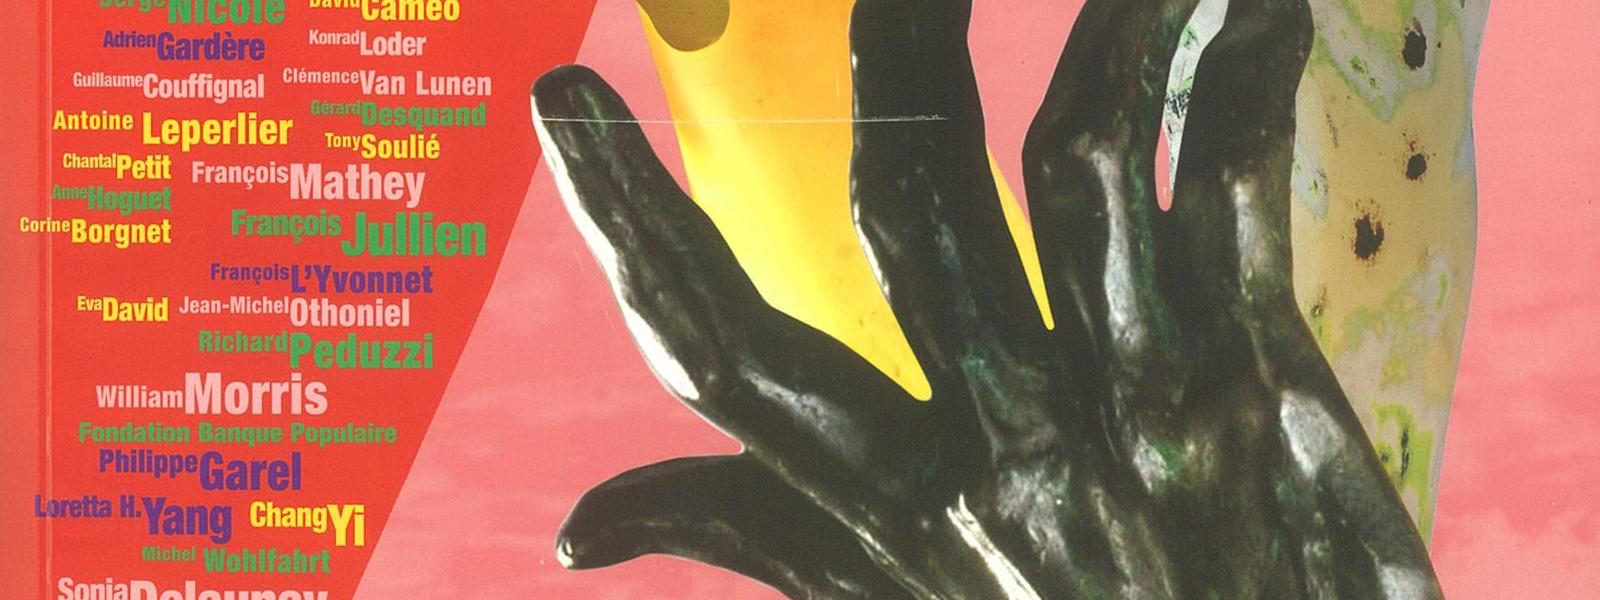 琉璃之歌--法國藝術雜誌熱情推薦